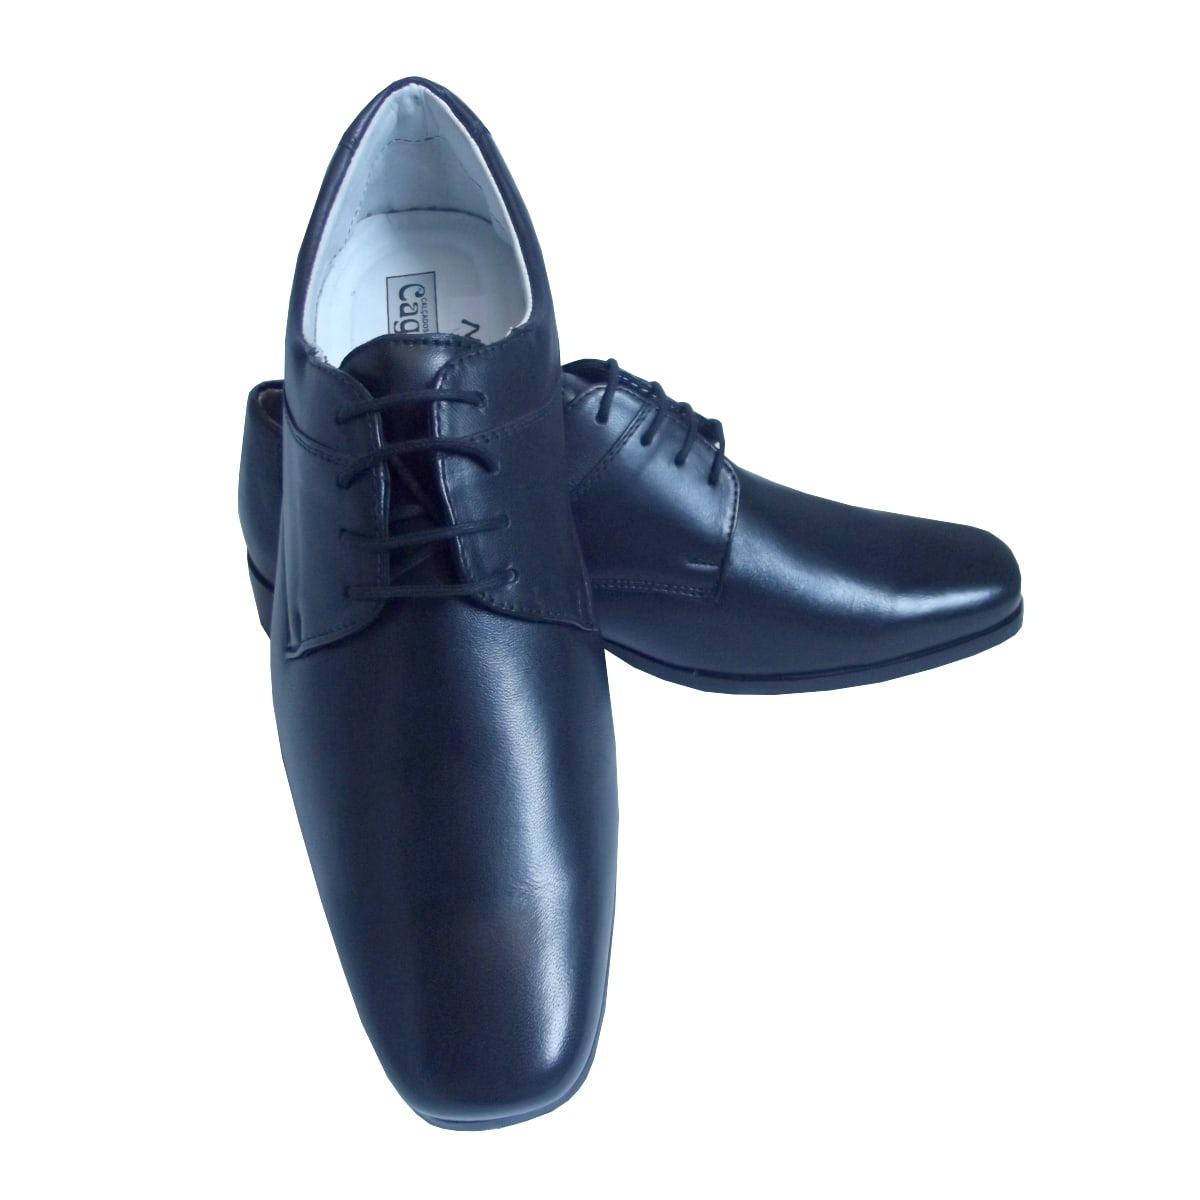 83f81f2ddc sapato social em couro de carneiro modelo italiano. Carregando zoom.